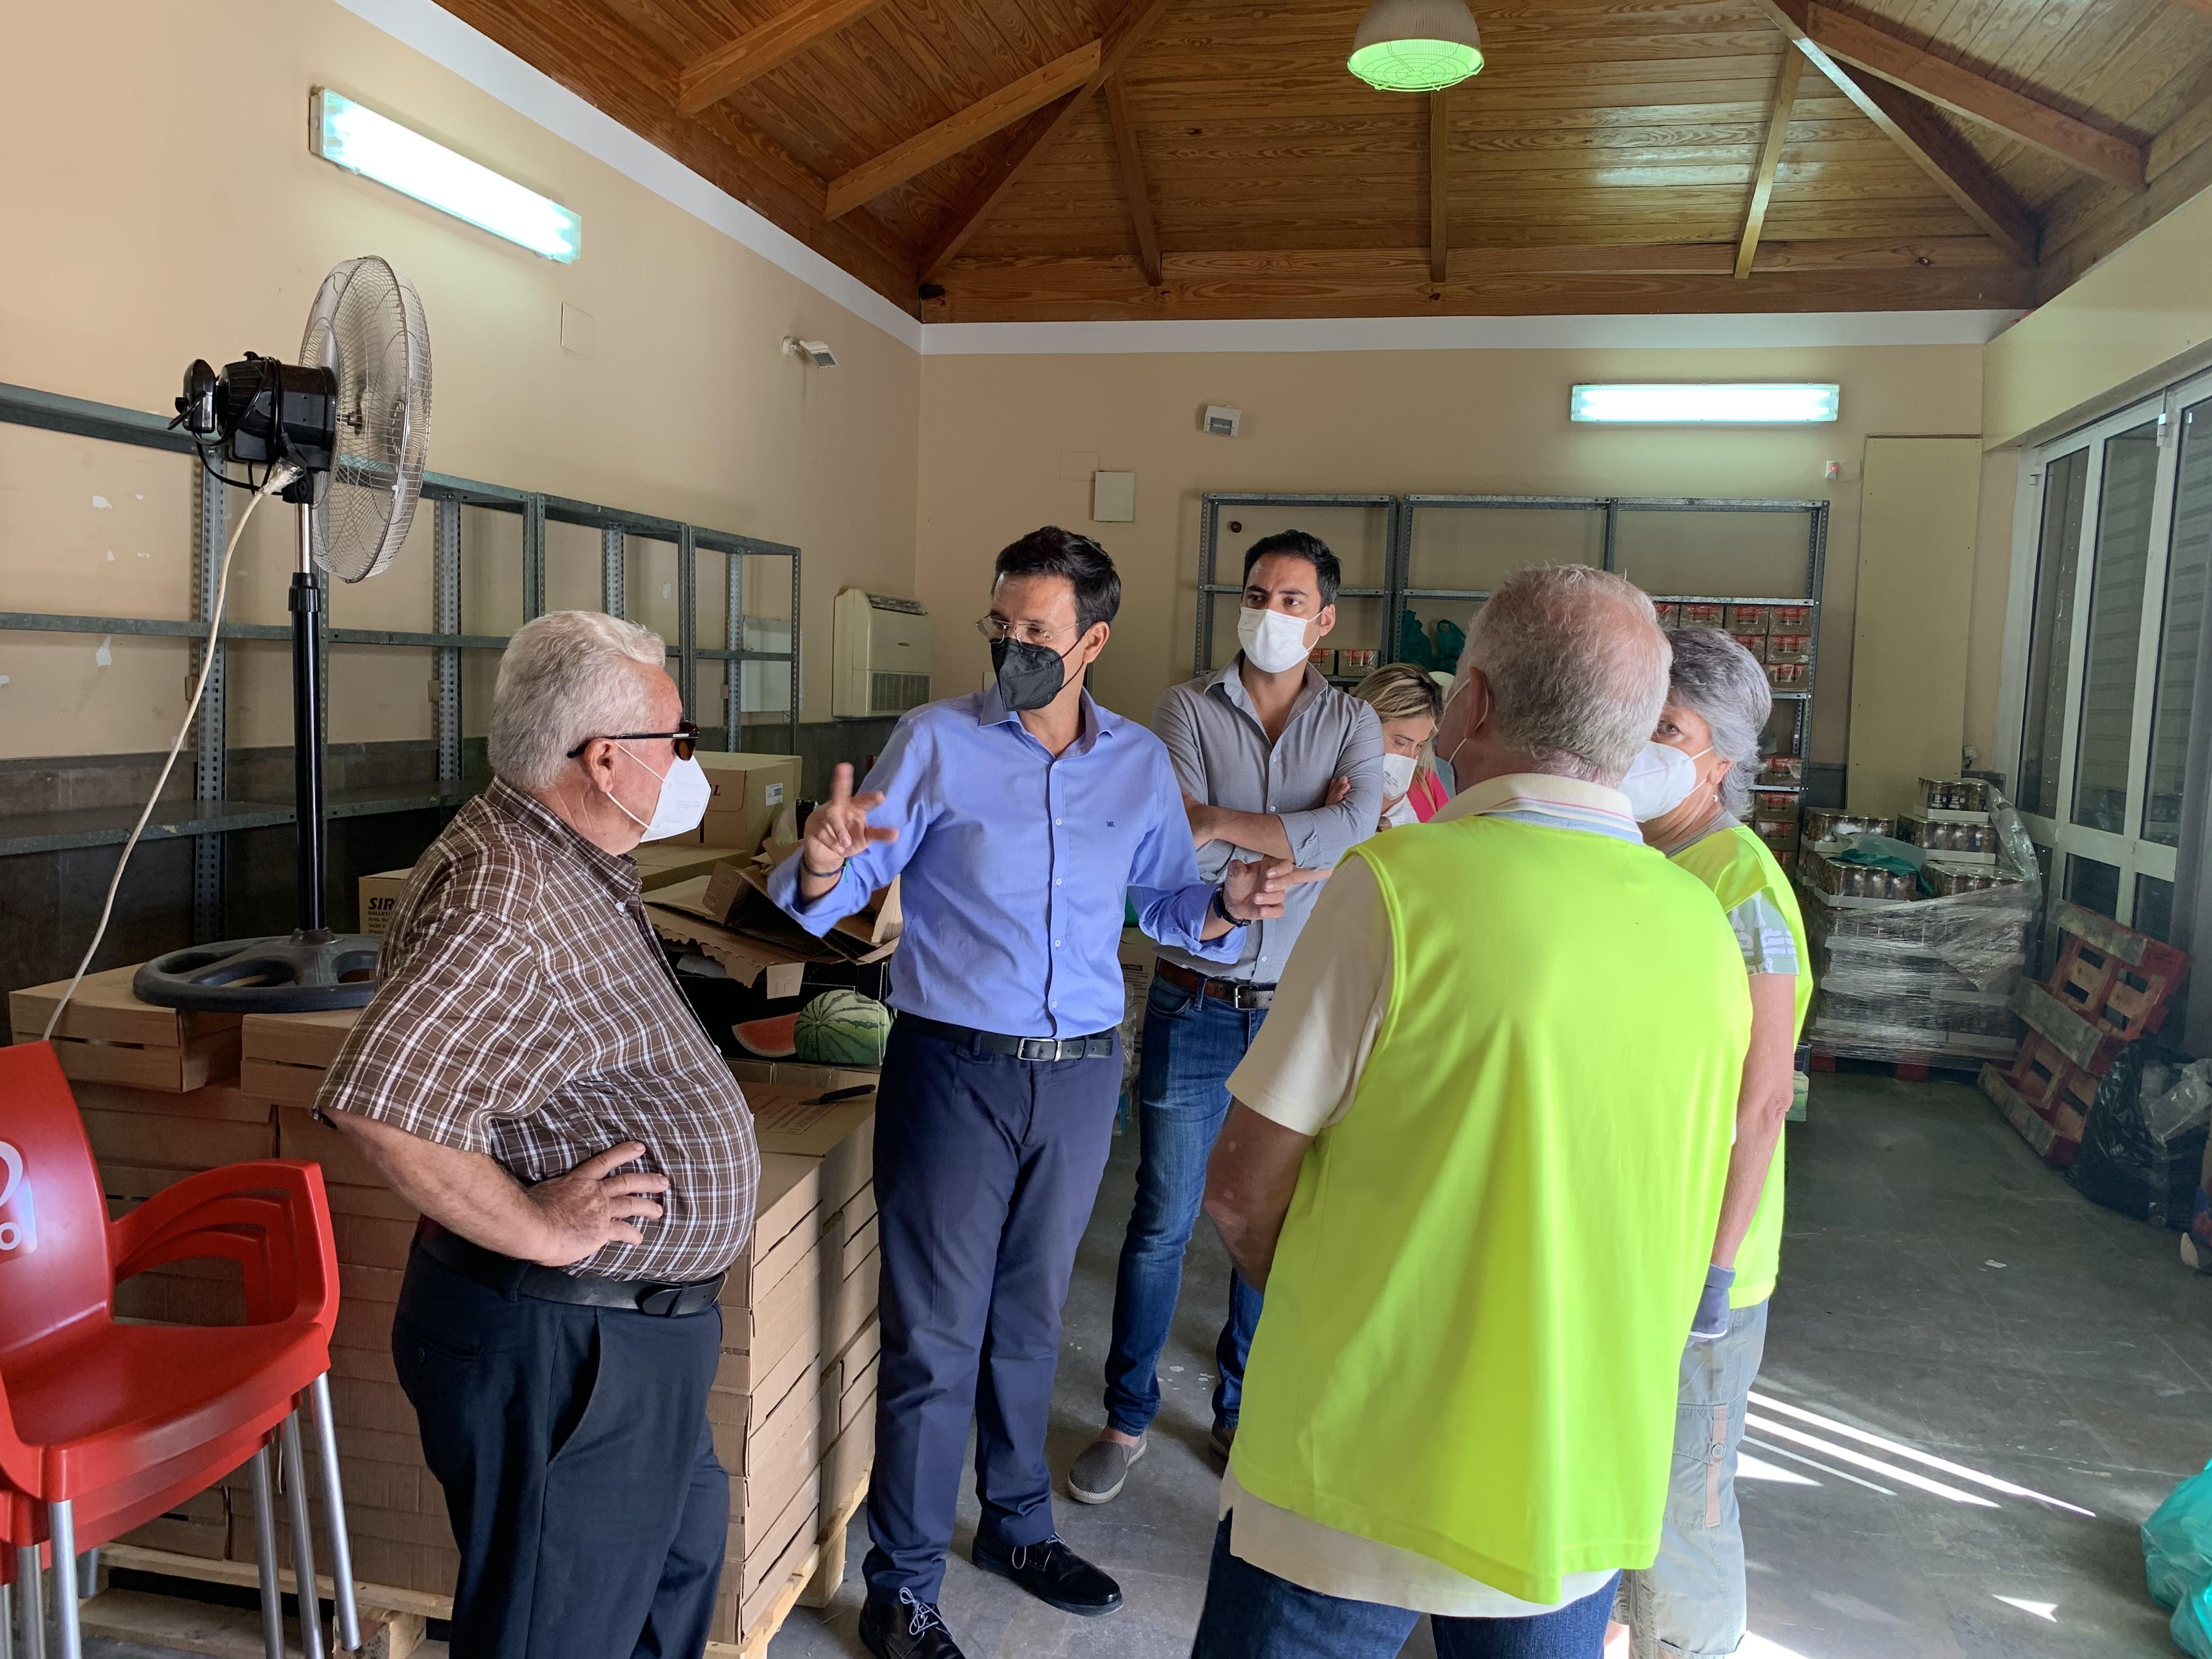 El PSOE critica la dejadez del equipo de gobierno en la gestión del reparto de comida